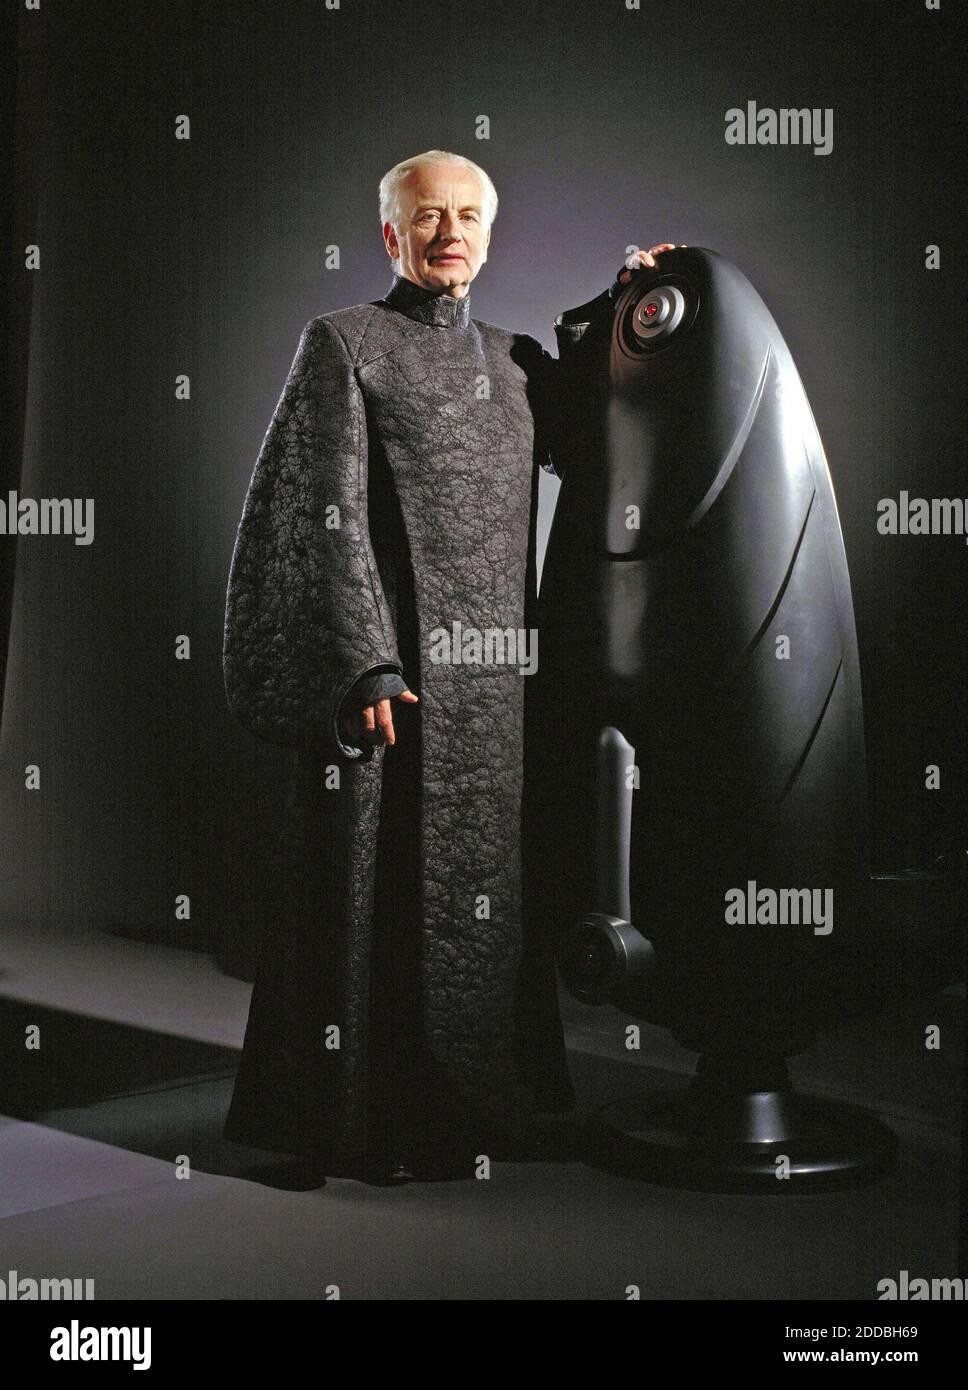 NINGUNA PELÍCULA, NINGÚN VIDEO, ninguna televisión, NINGÚN DOCUMENTAL - Senador Palpatine (Ian McDiarmid) en una imponente túnica de la Federación en el escenario de la película Star Wars. Foto por KRT/ABACAPRESS.COM Foto de stock